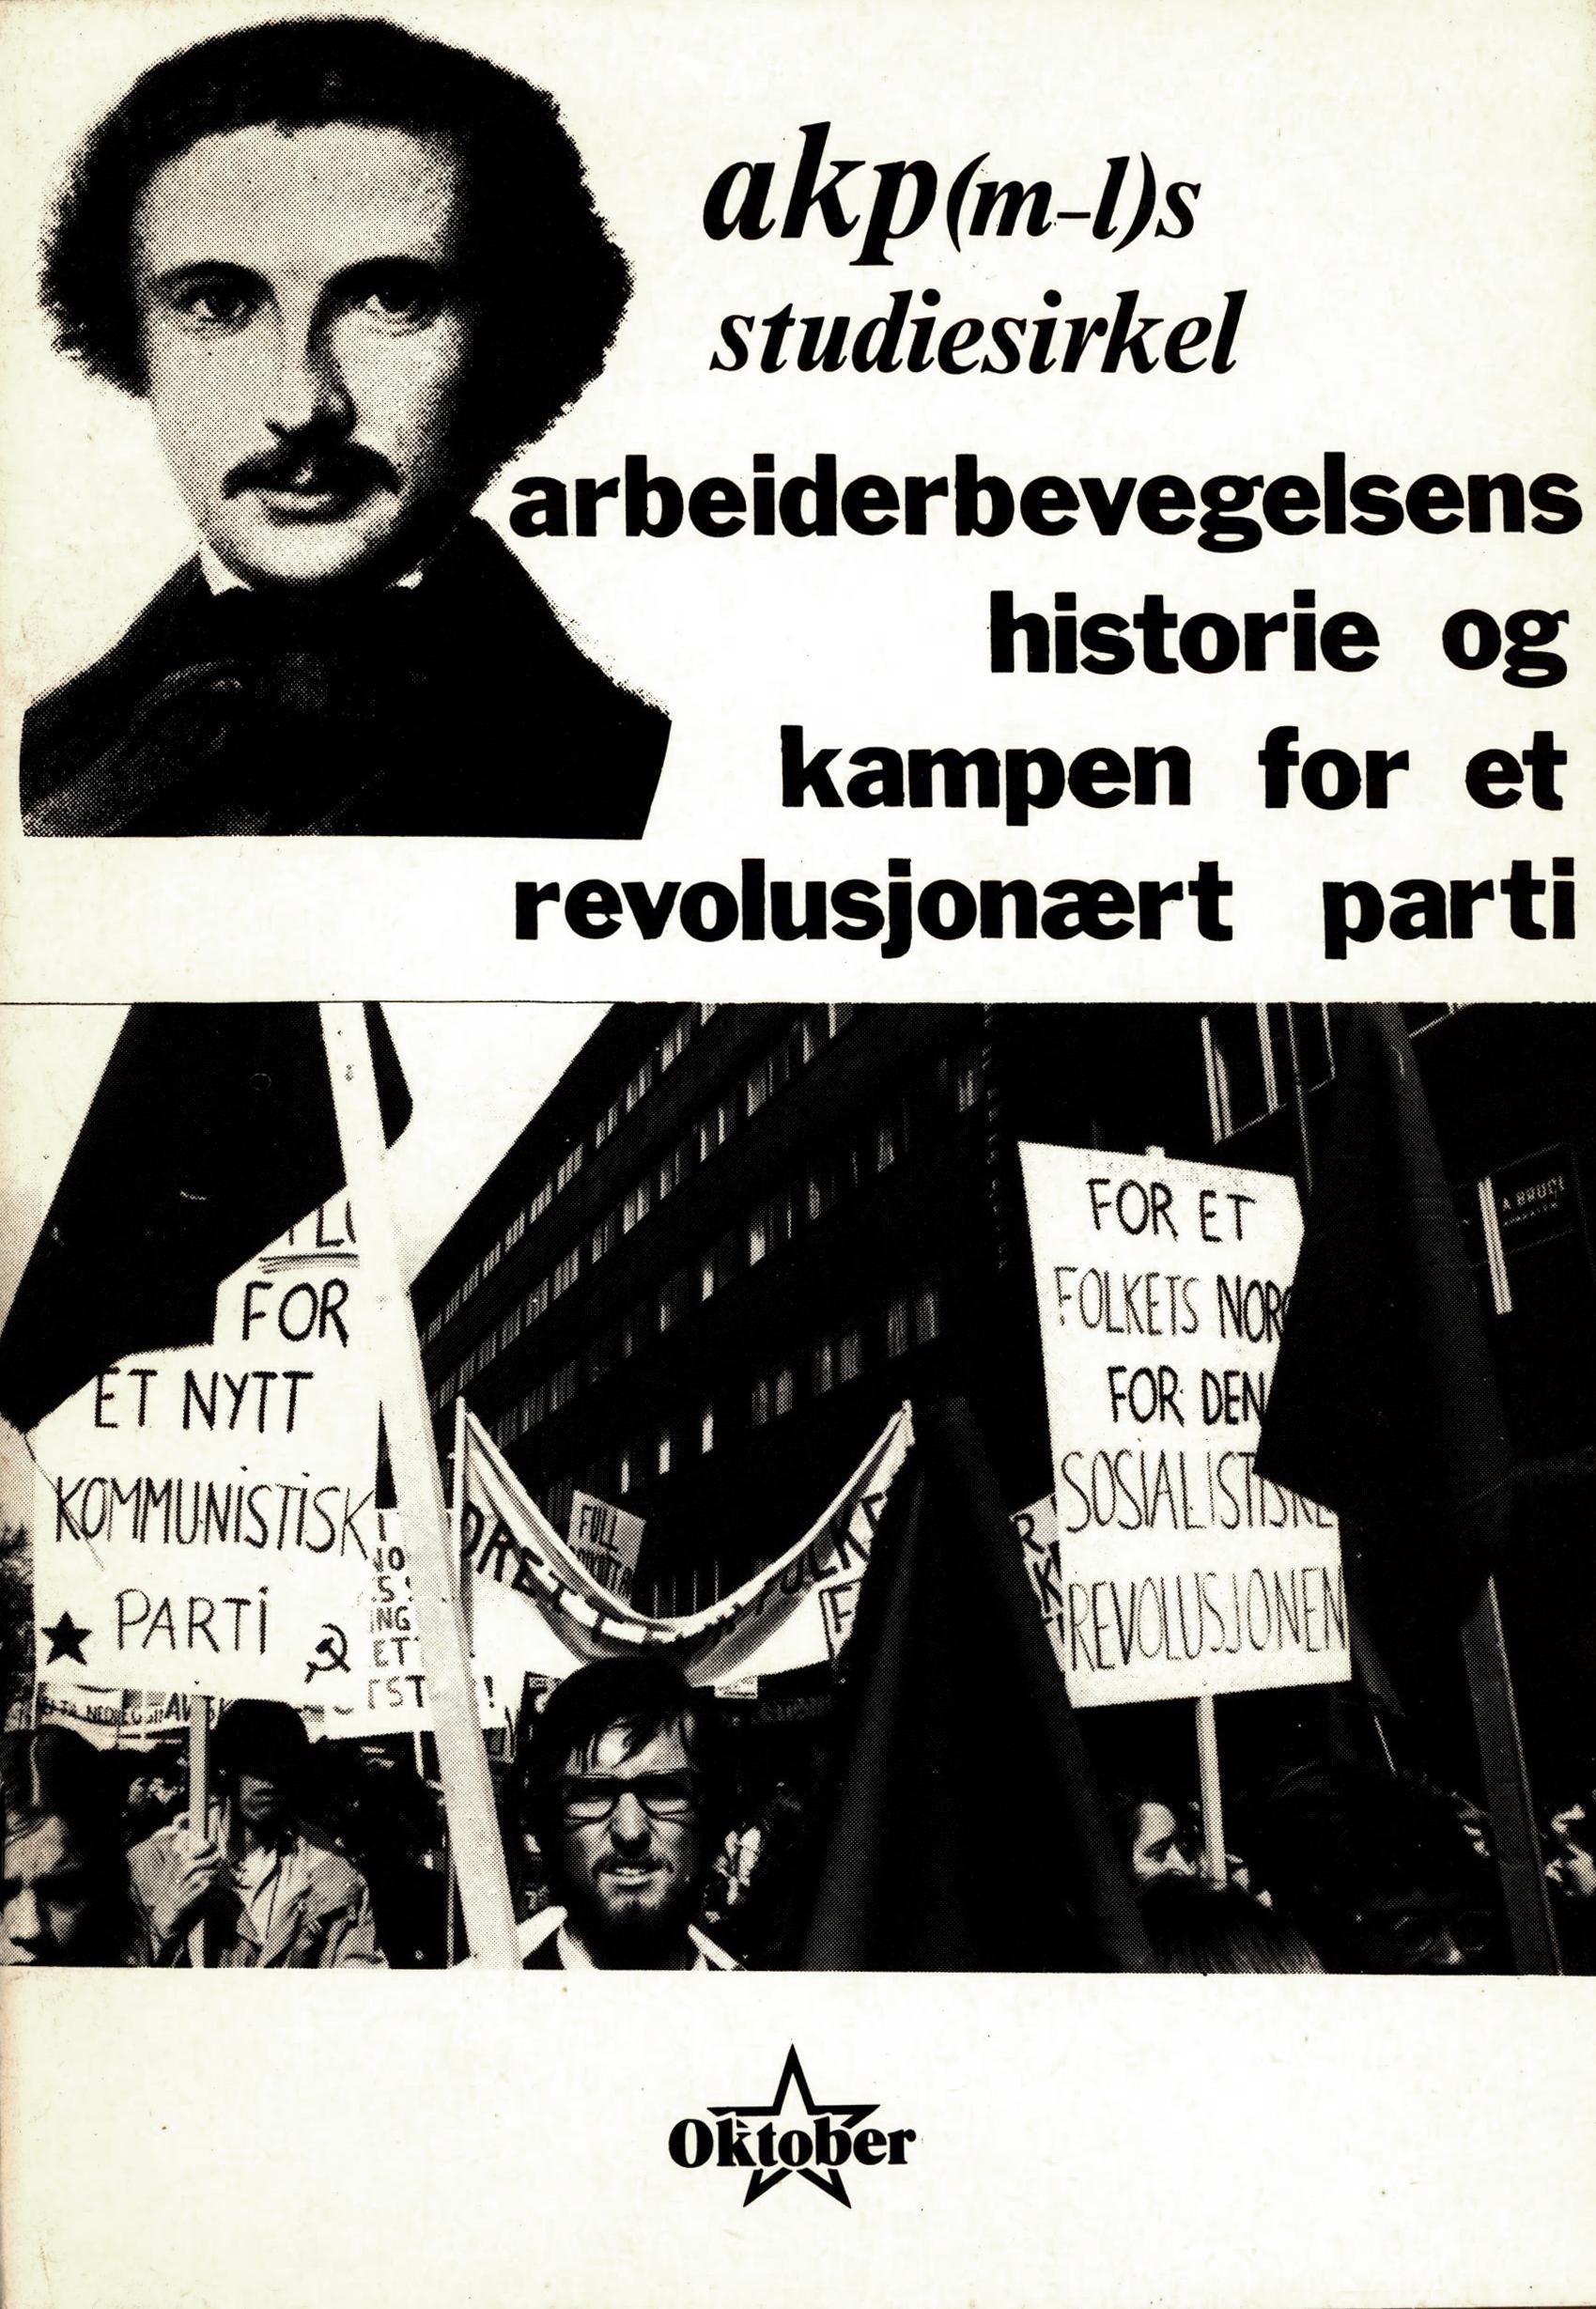 AKP(m-l)s studiesirkel: Arbeiderbevegelsens historie og kampen for et revolusjonært parti